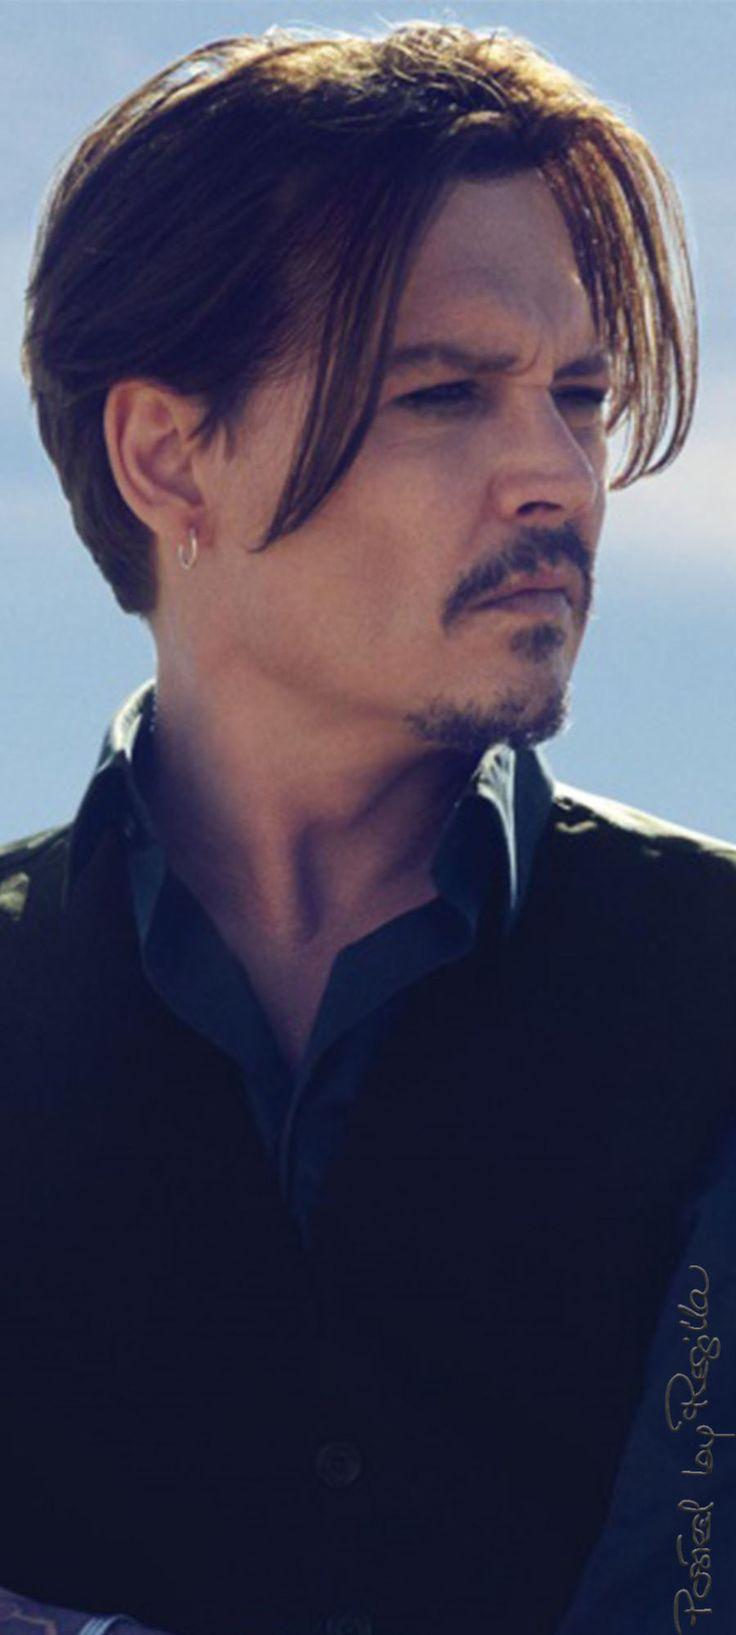 Regilla ⚜ Johnny Depp